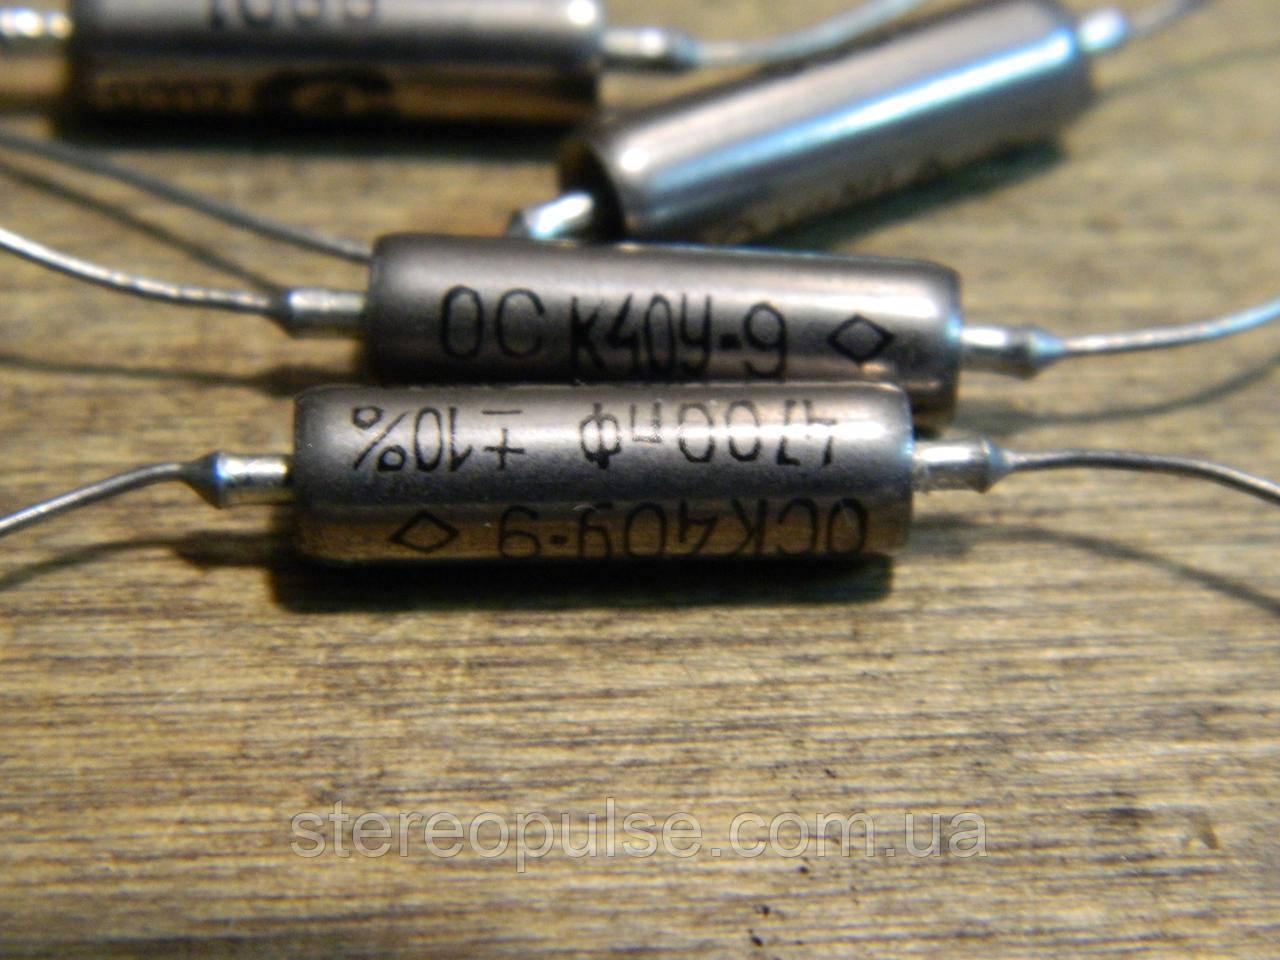 Конденсатор Ос К40У - 9 4700 пкФ - 200 Вольт 10 %